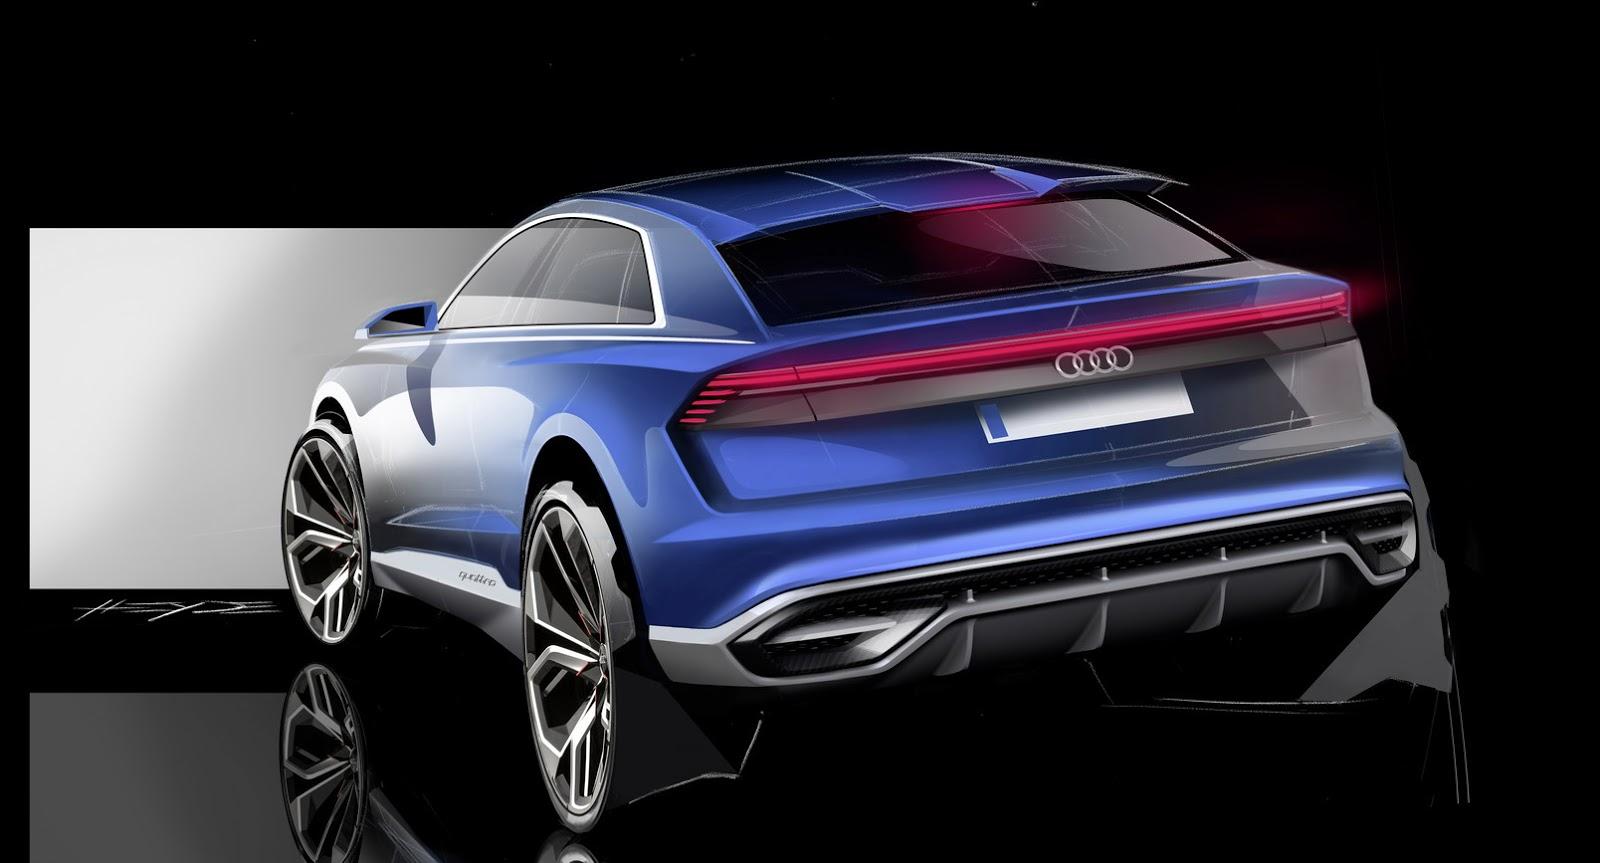 Audi_Q8_concept_35